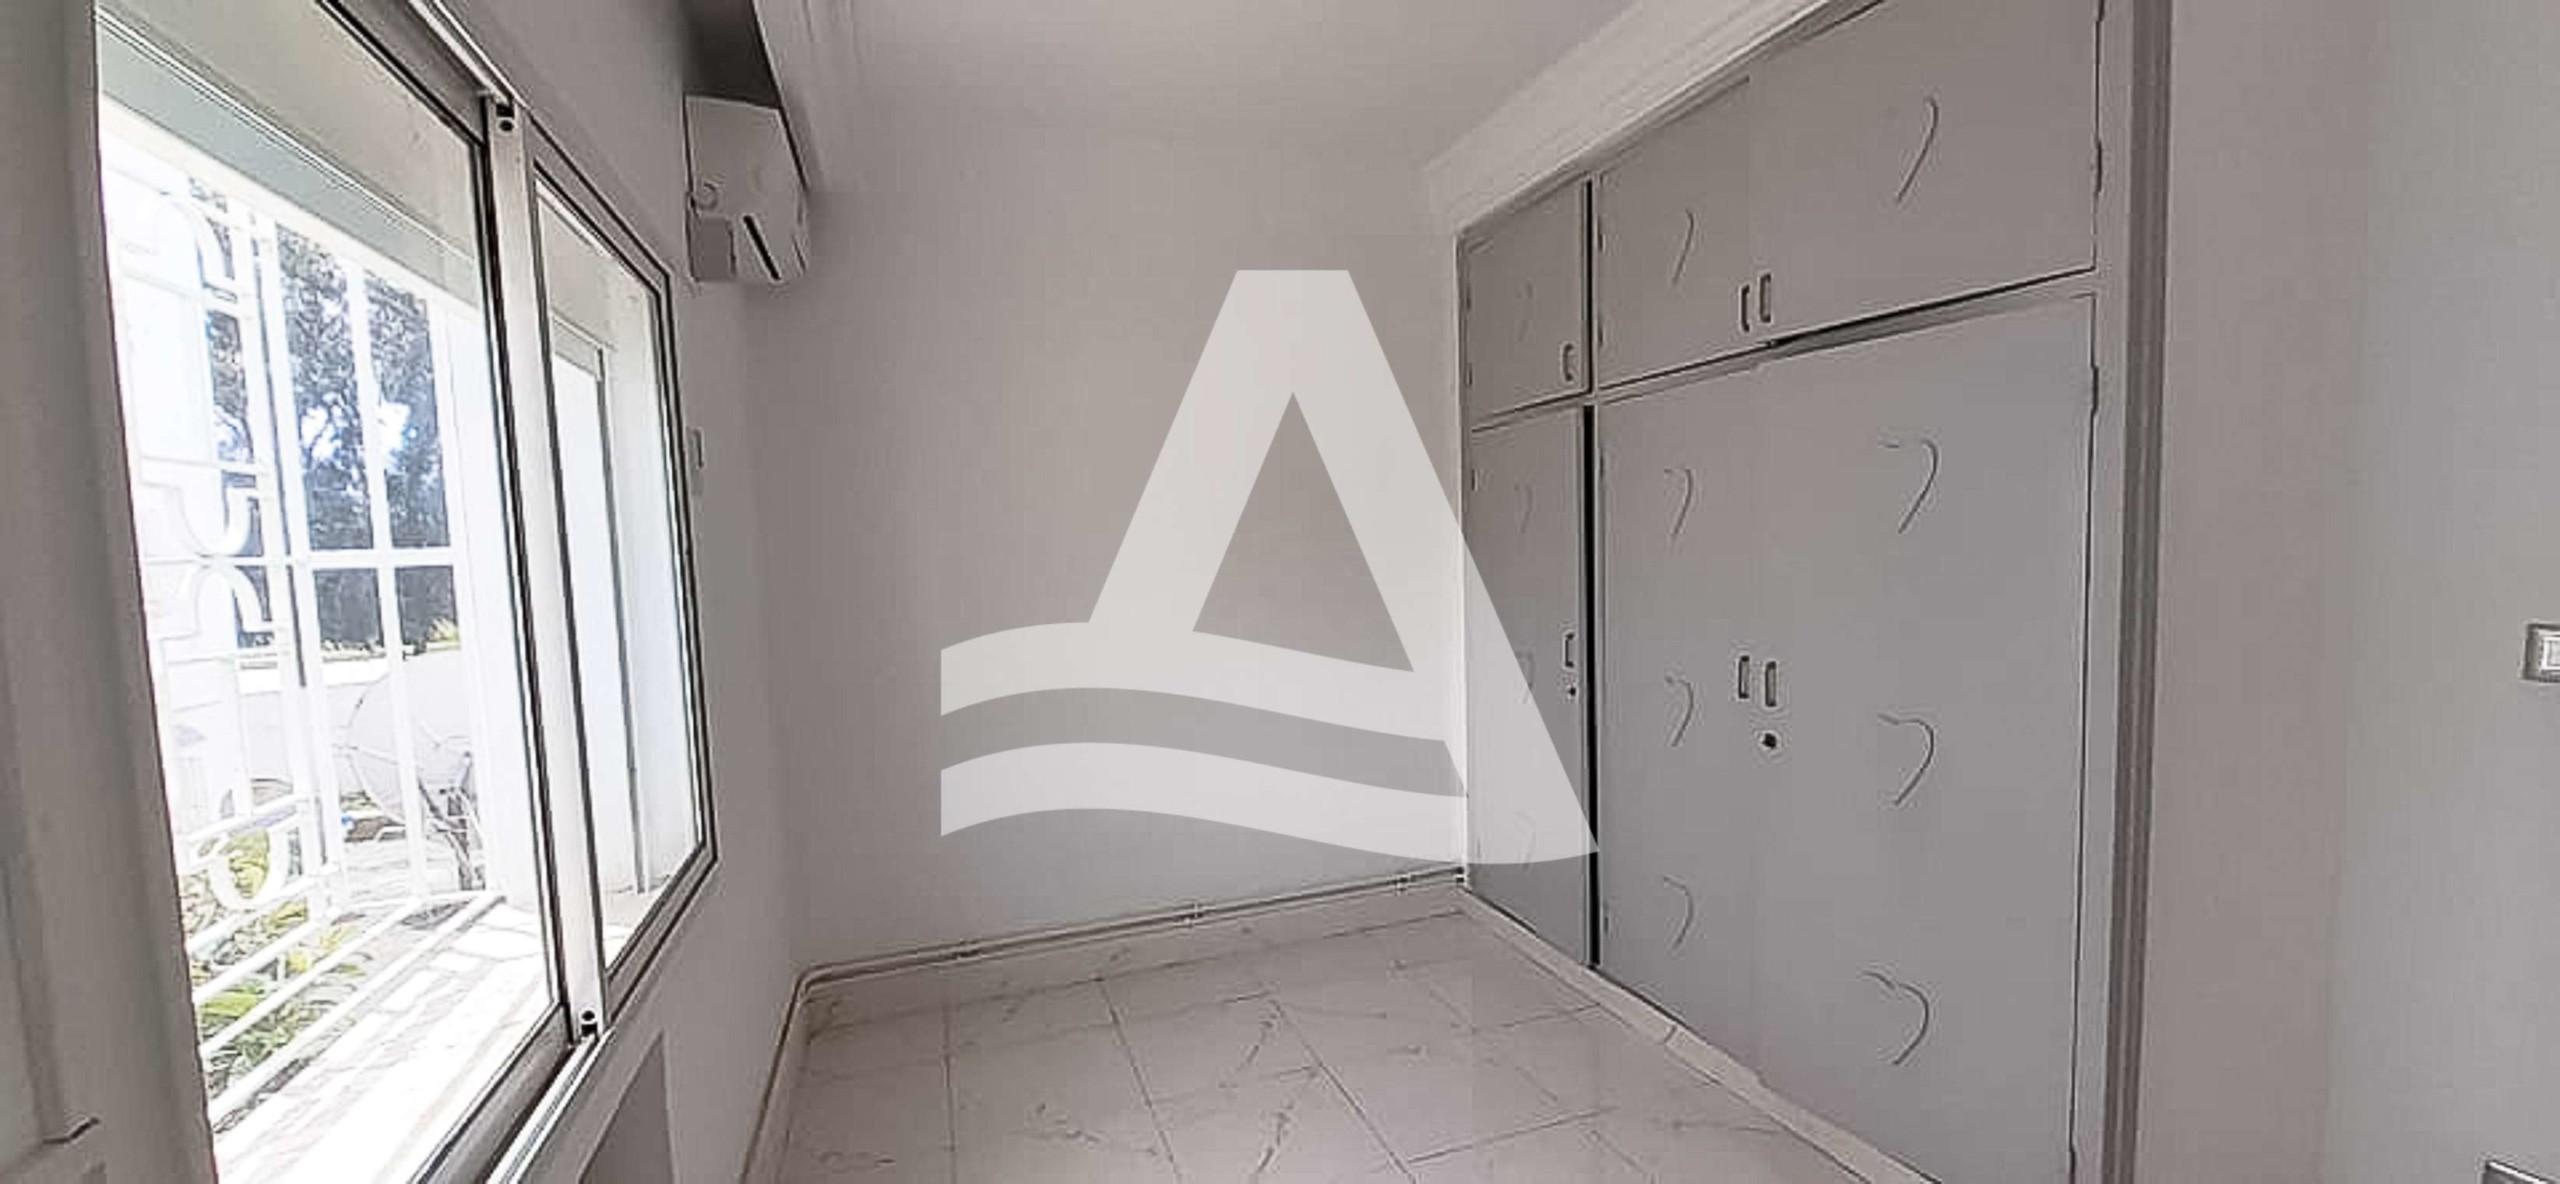 httpss3.amazonaws.comlogimoaws14214468591589016107_Arcane_immobilière_la_Marsa-_location_-_vente_la_marsa__-7